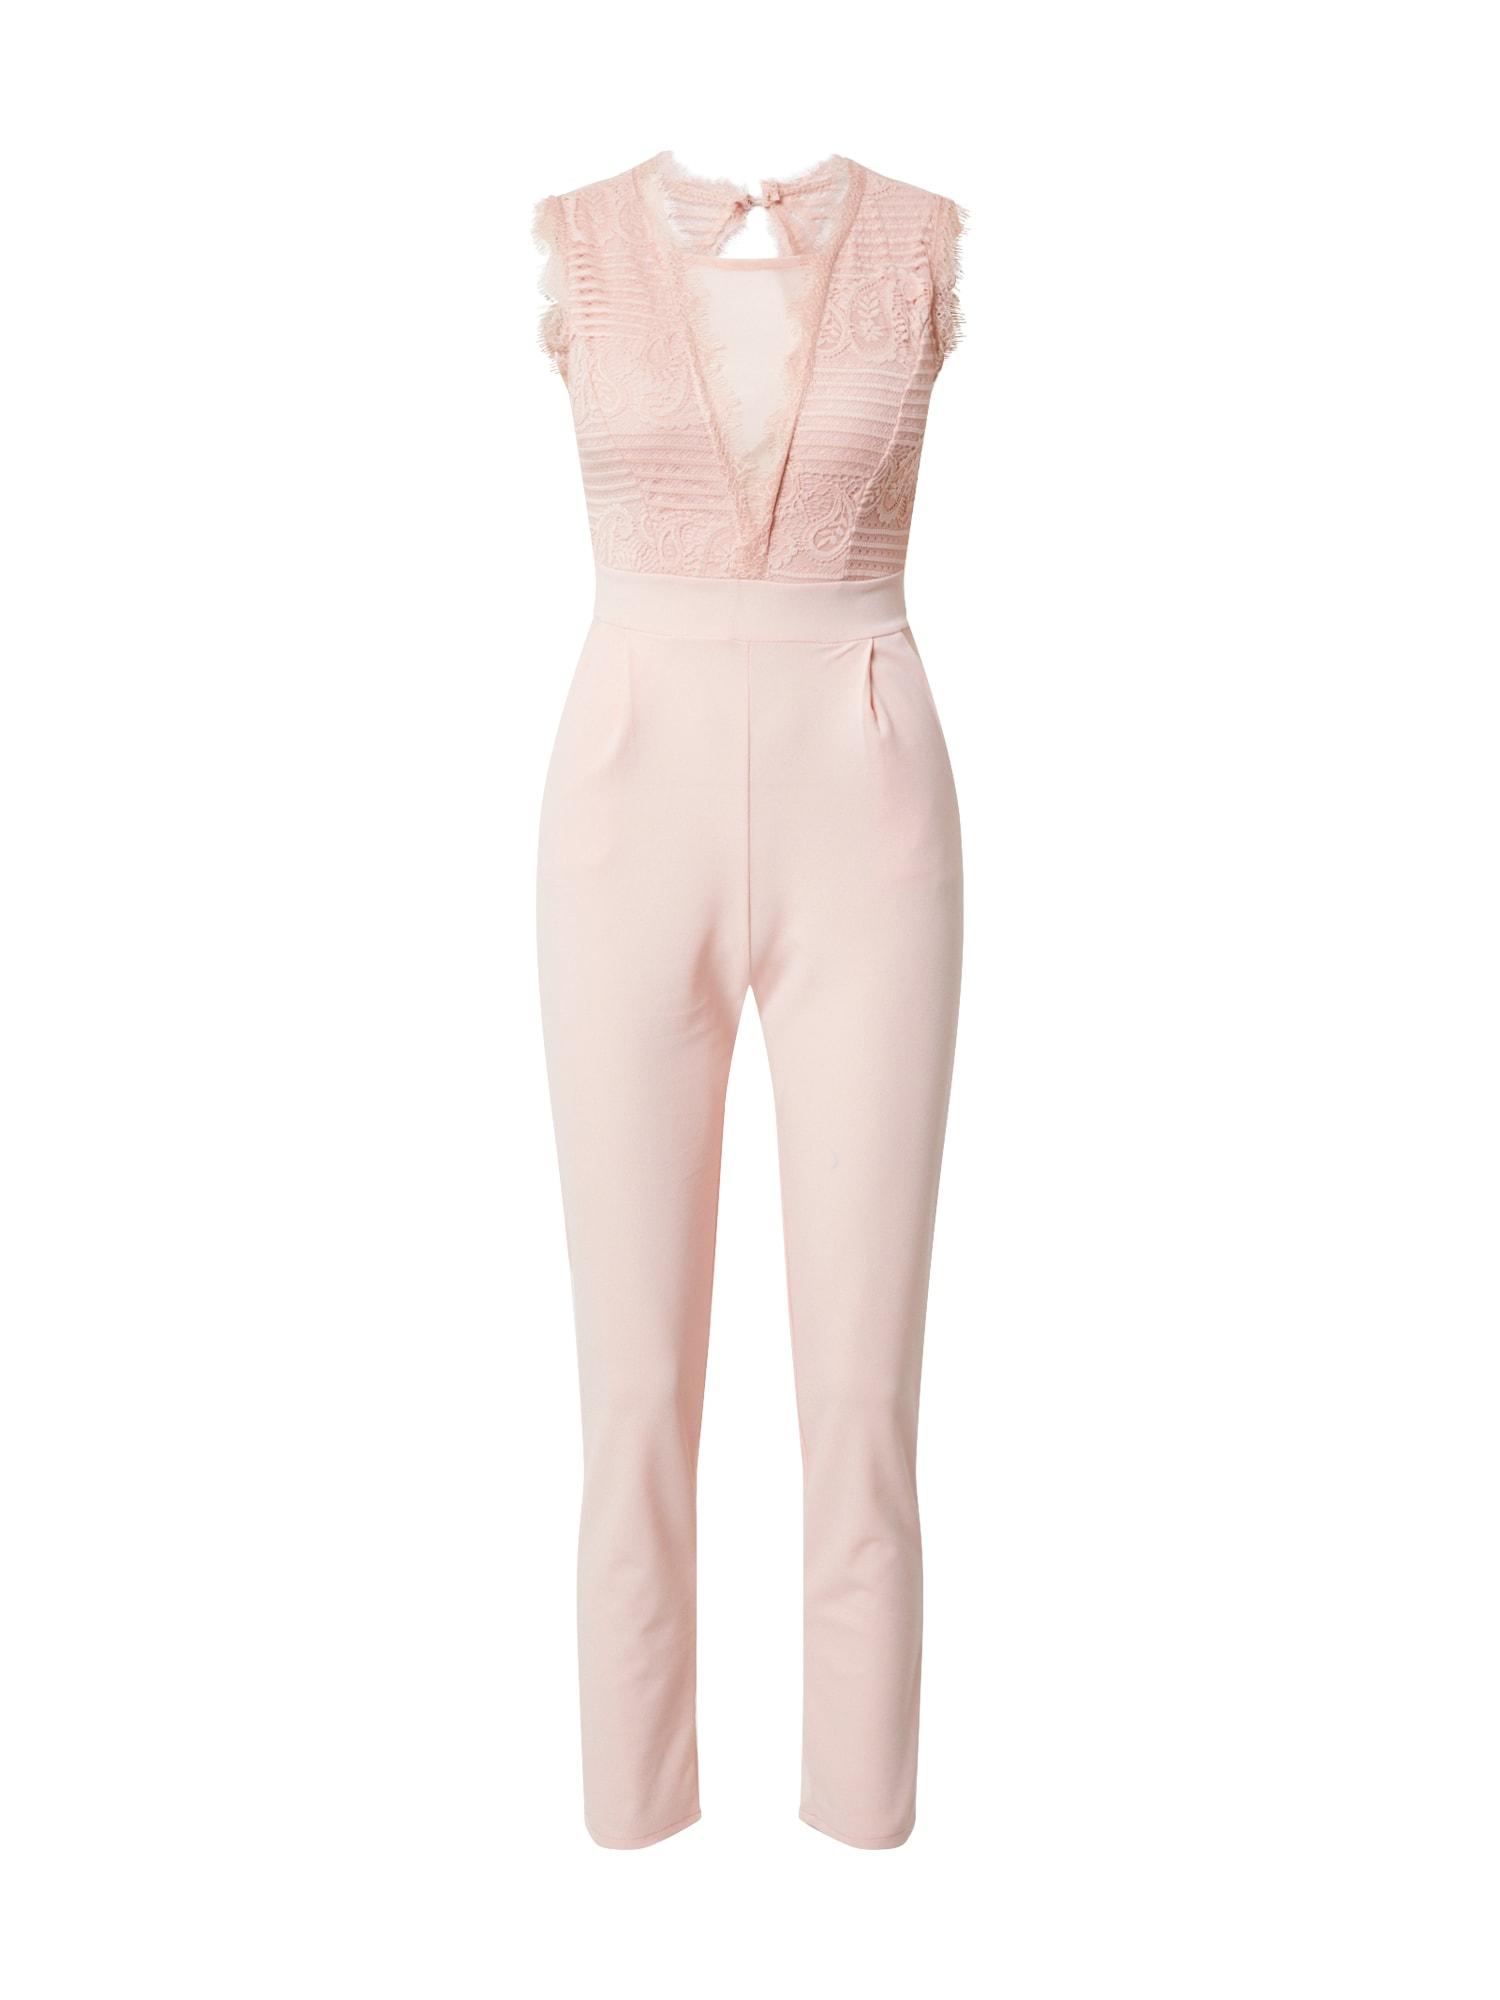 WAL G. Vienos dalies kostiumas rožinė